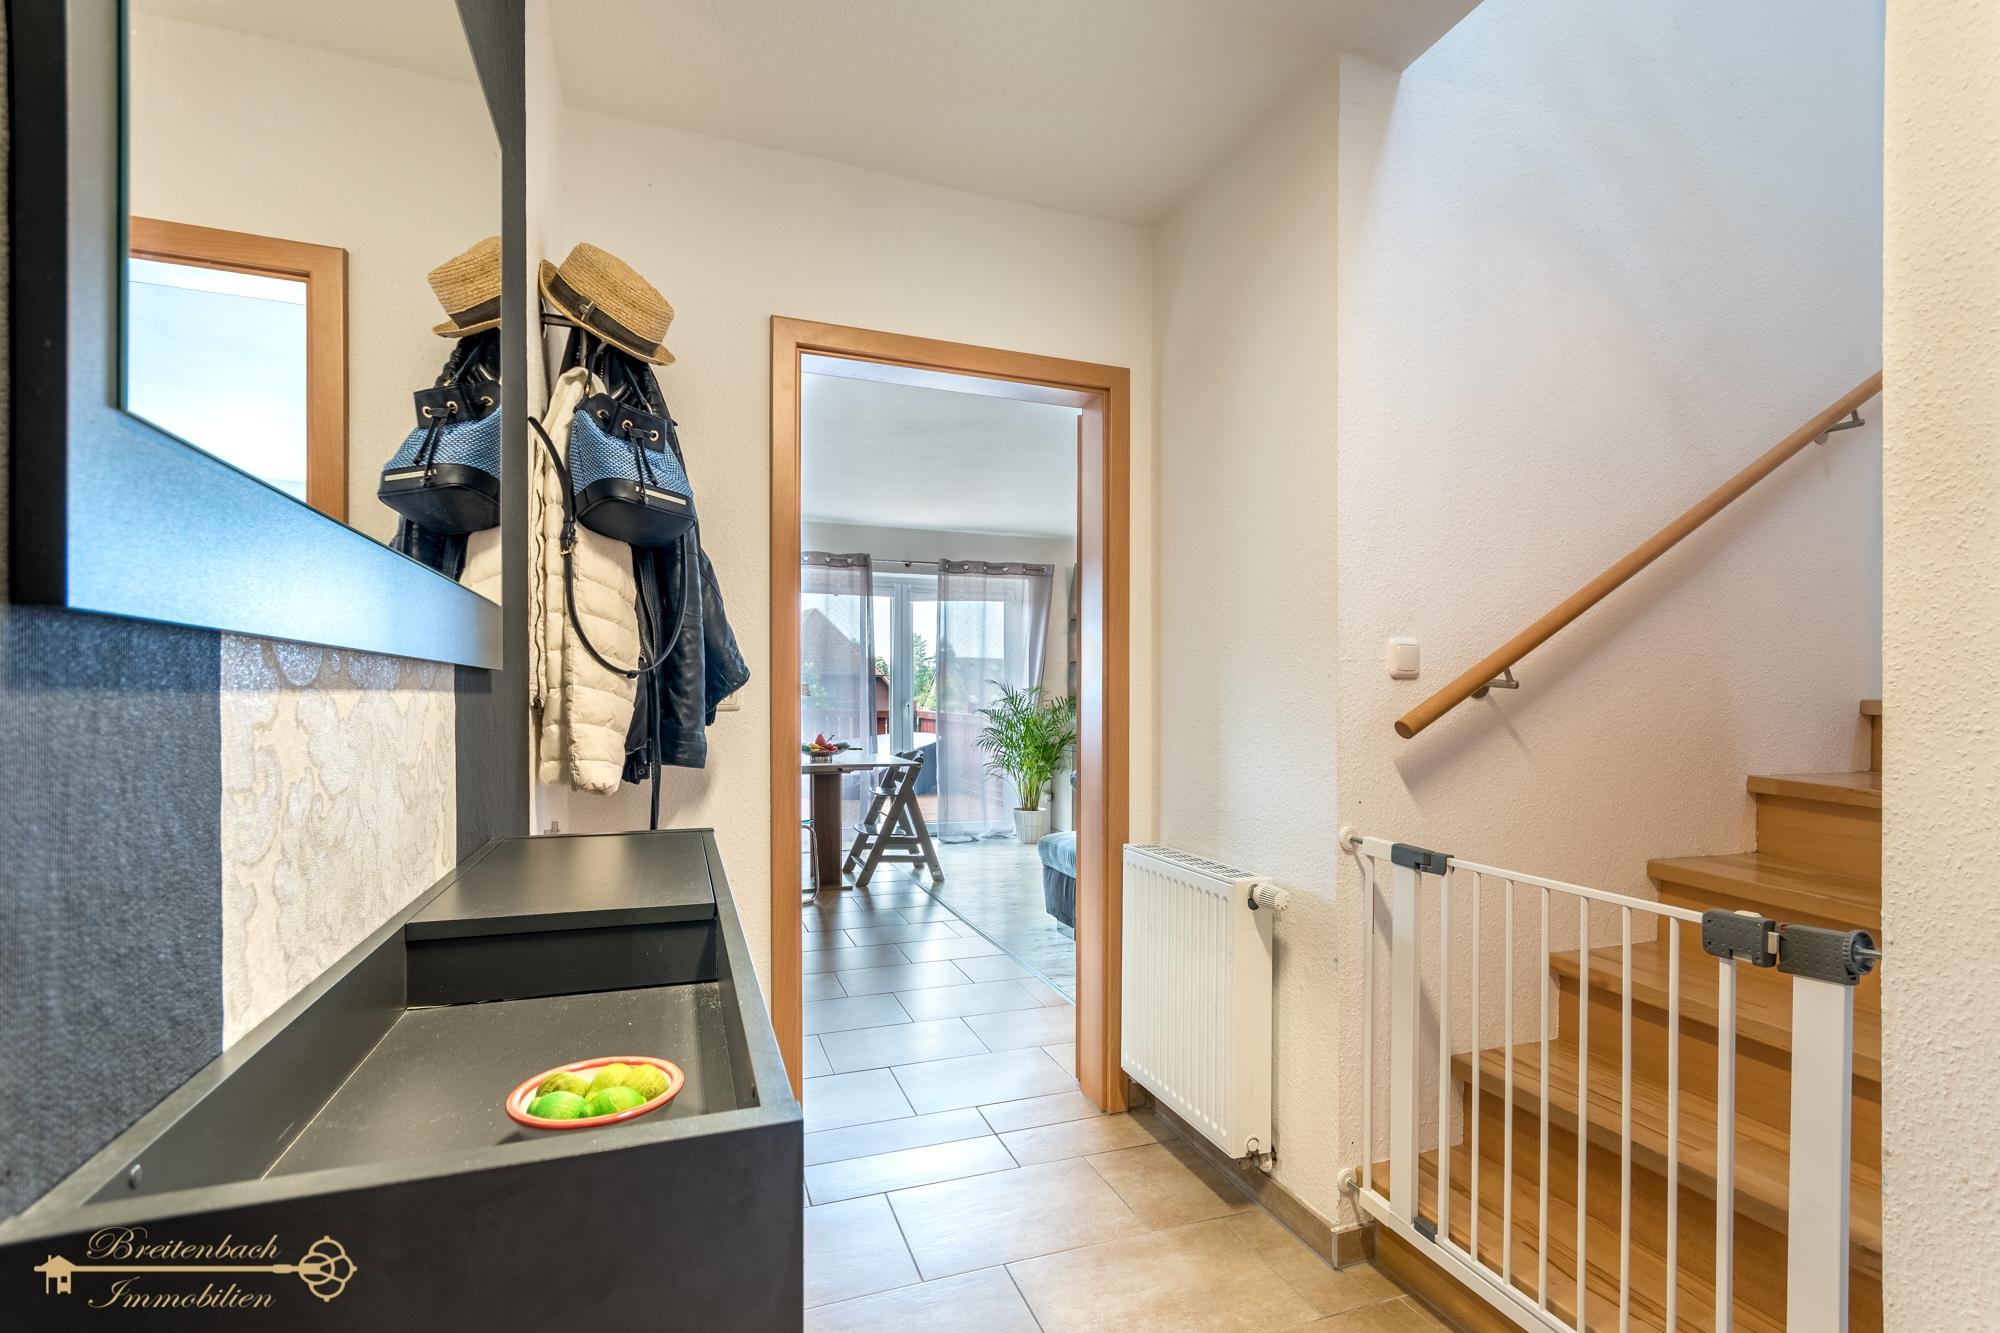 2020-05-26-Breitenbach-Immobilien-1